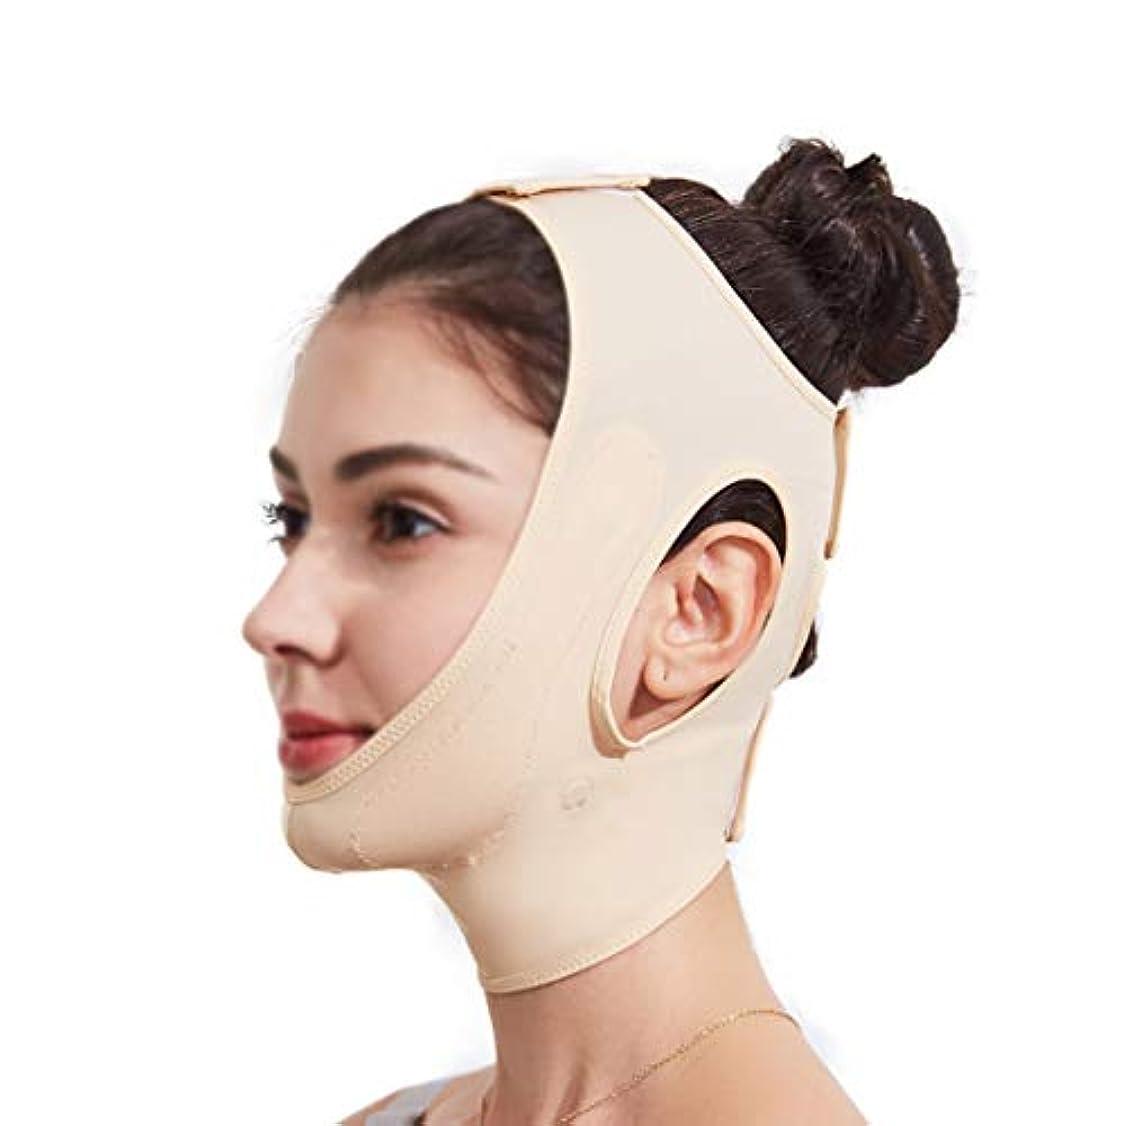 比較恩赦タンパク質MLX フェイスリフティングマスク、360°オールラウンドリフティングフェイシャルコンター、あごを閉じて肌を引き締め、快適でフェイスライトと通気性をサポート (Color : Skin color)